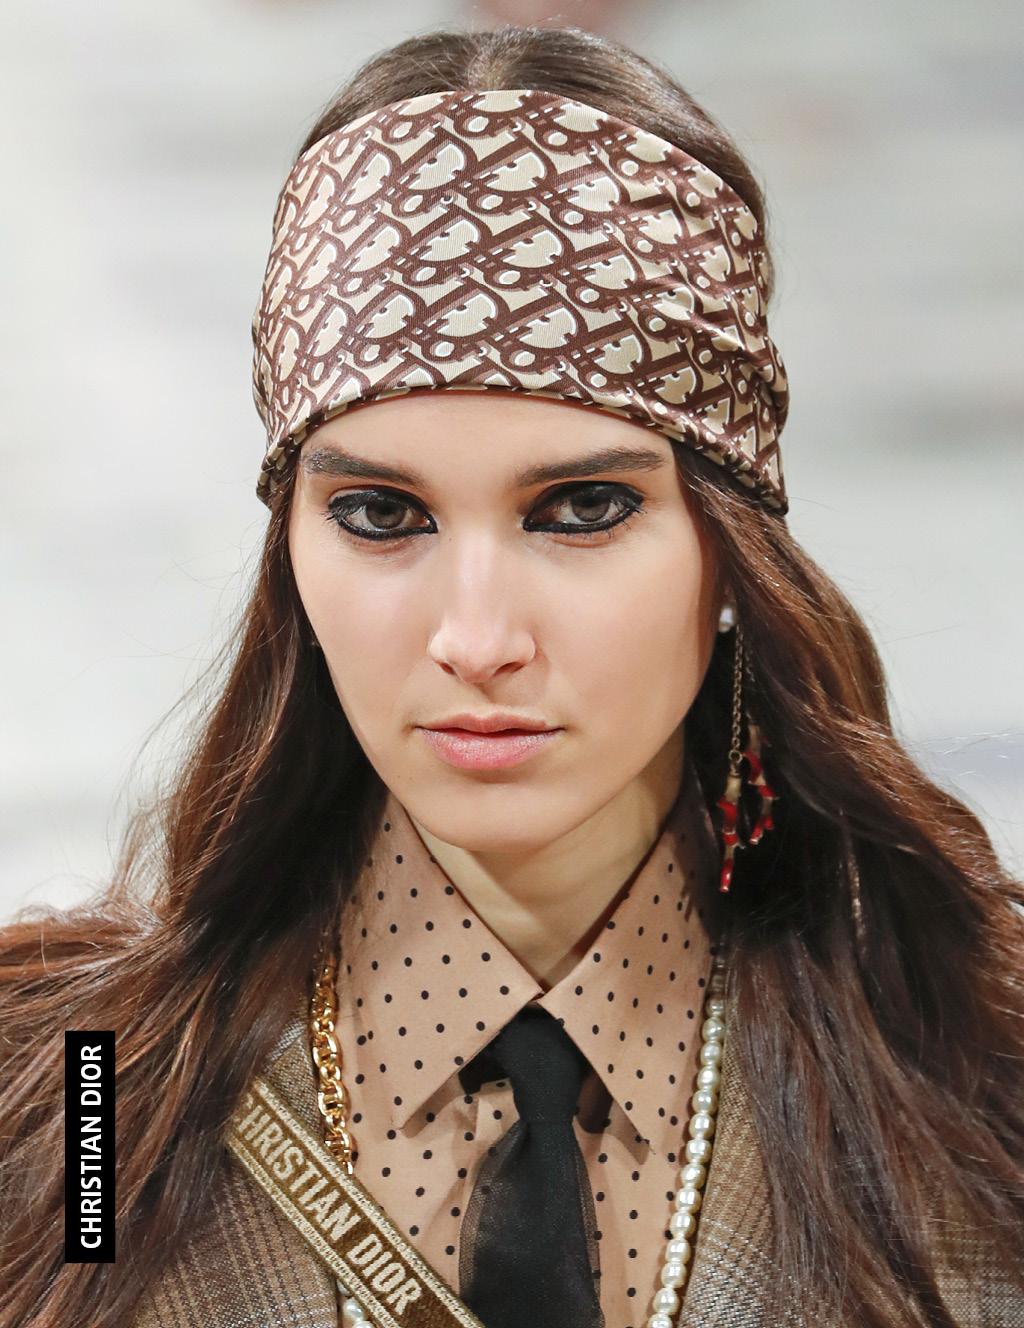 Christian-Dior_bty_W_F20_PA_010_3356509